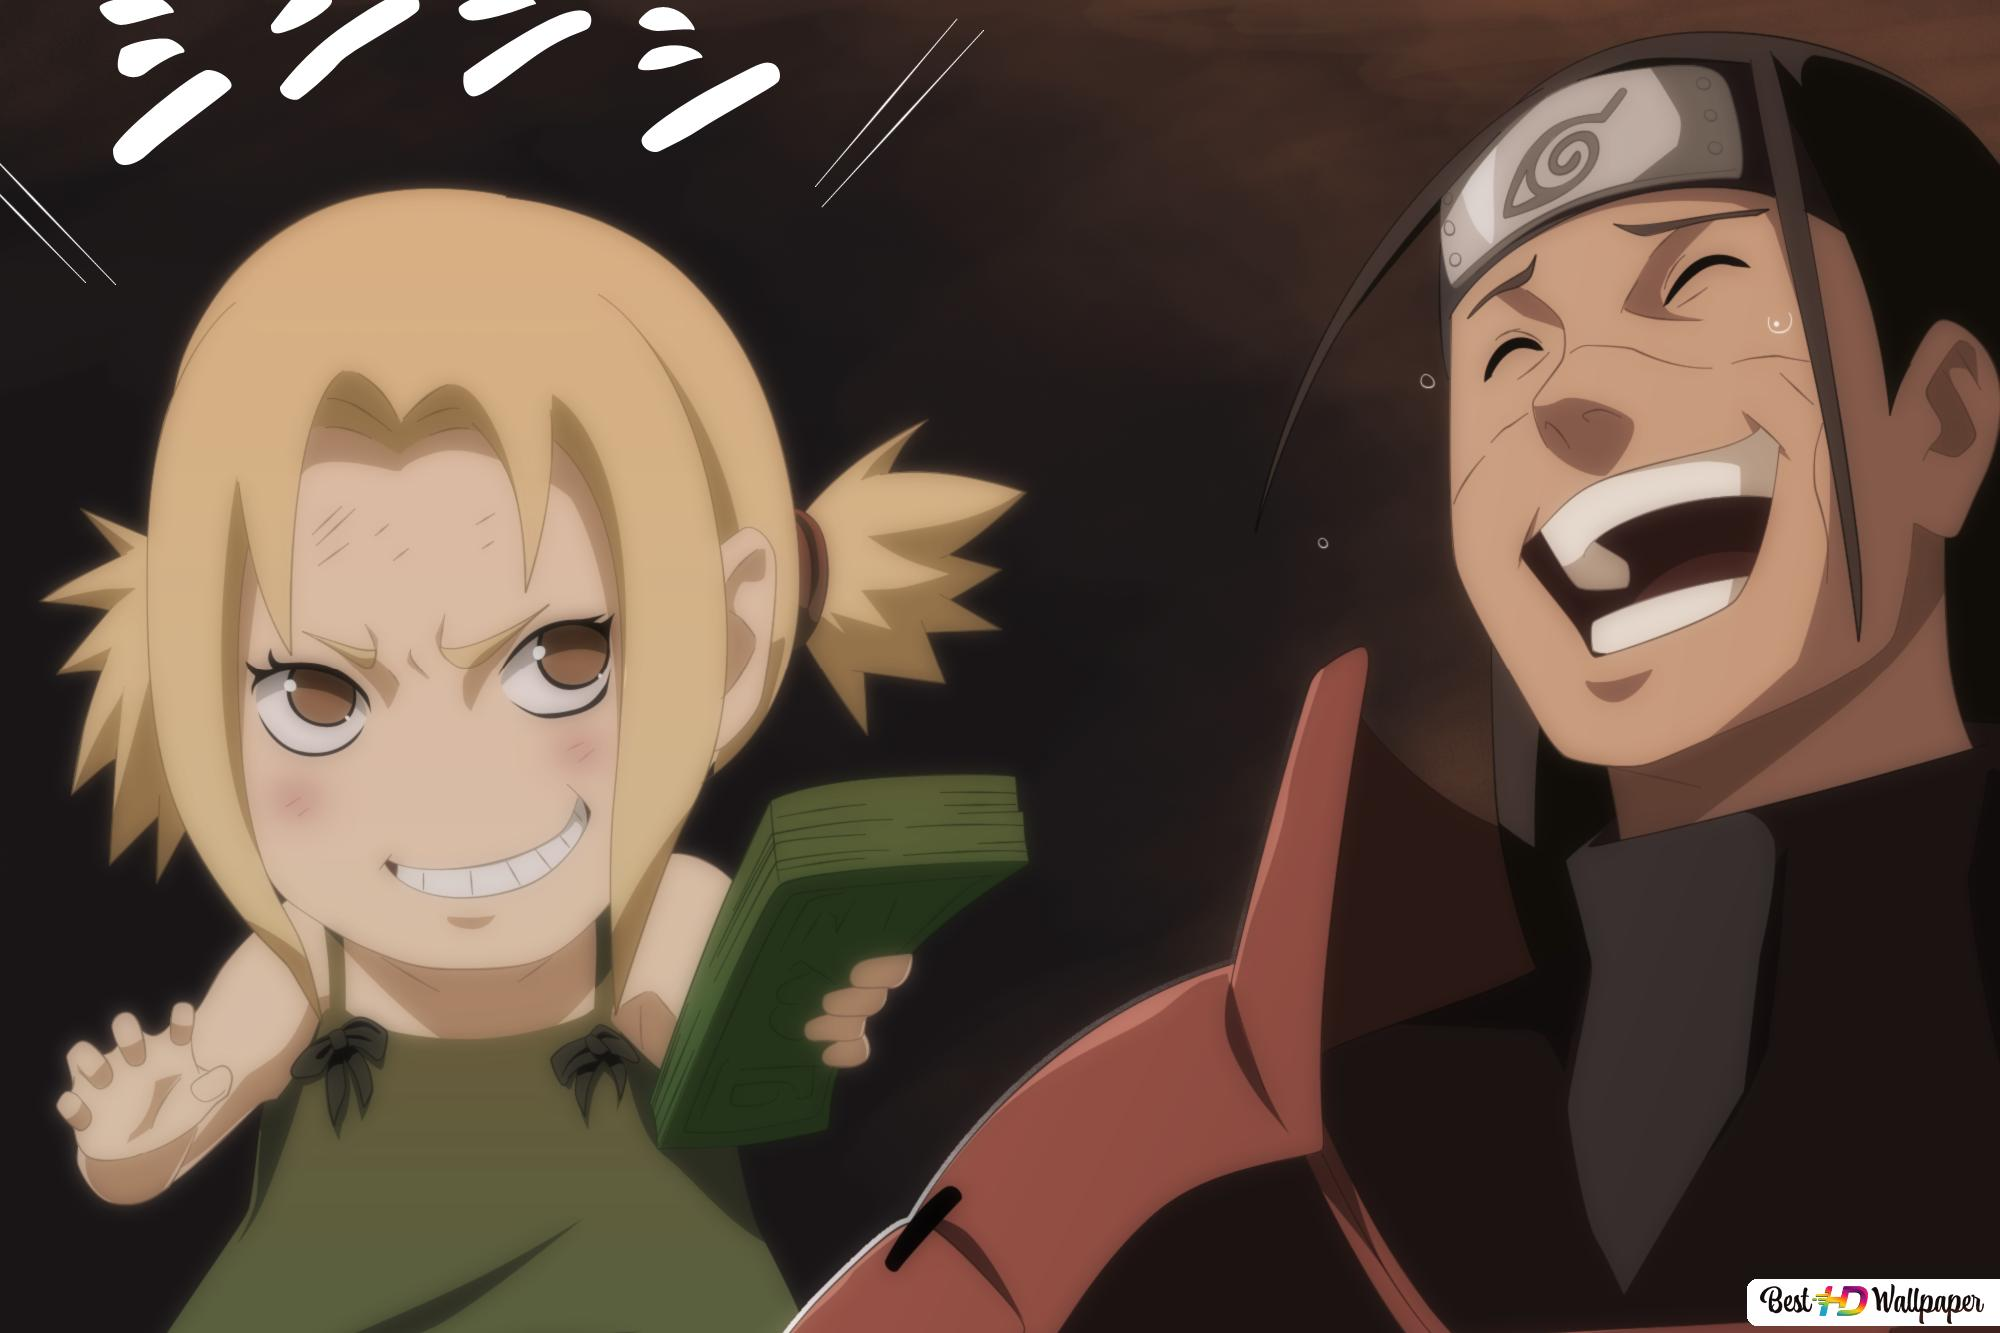 Naruto Shippuden Tsunade Hashirama Senju Hd Wallpaper Download